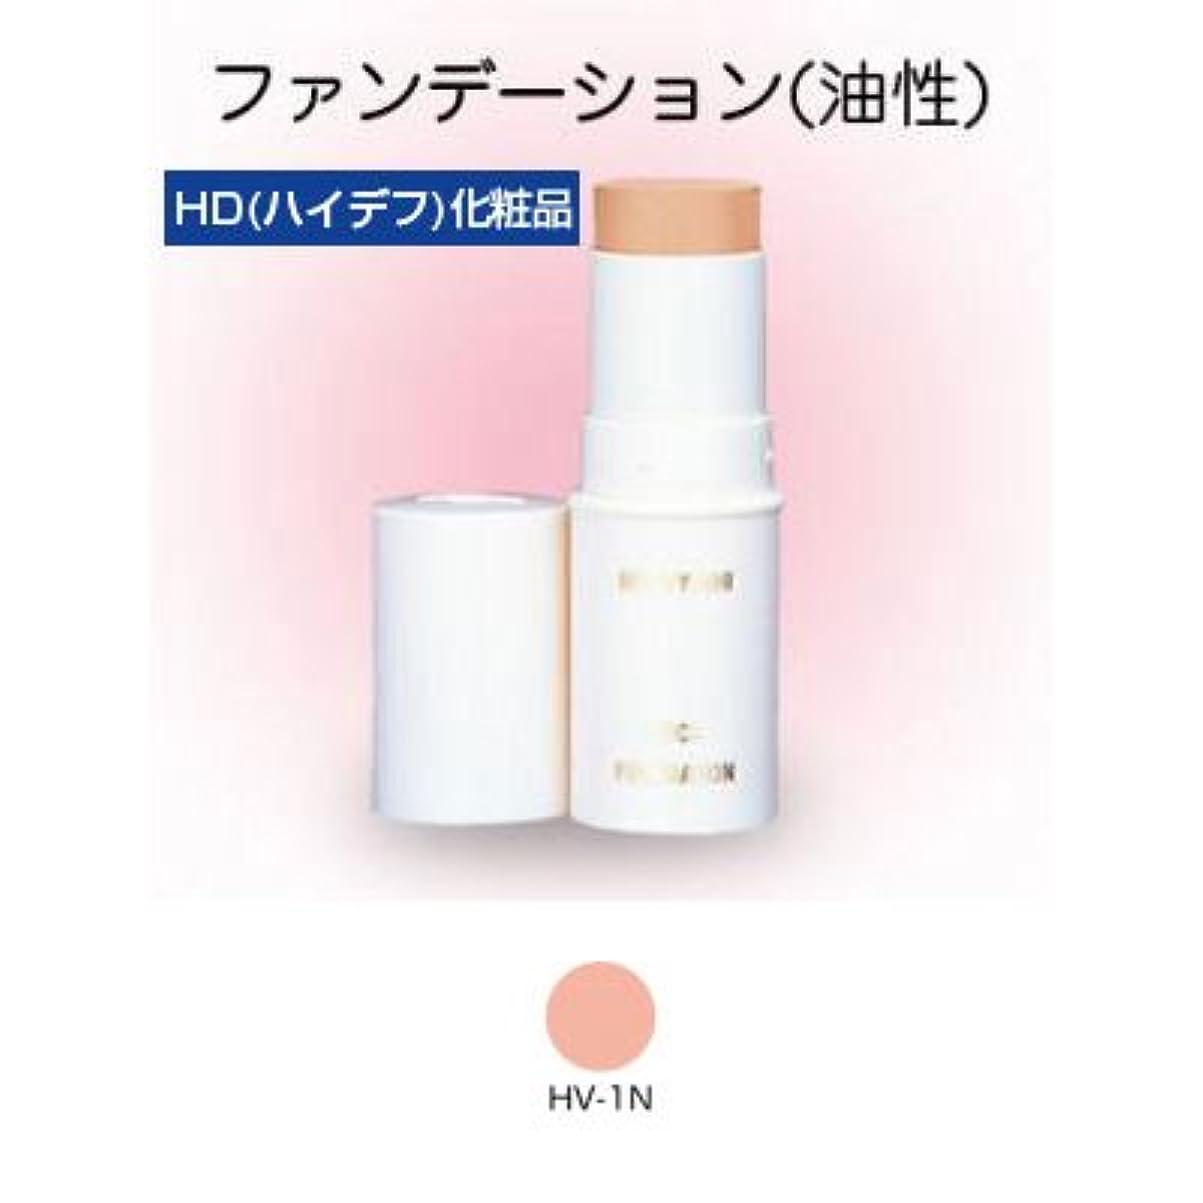 コンサート船乗りシニススティックファンデーション HD化粧品 17g 1NY 【三善】